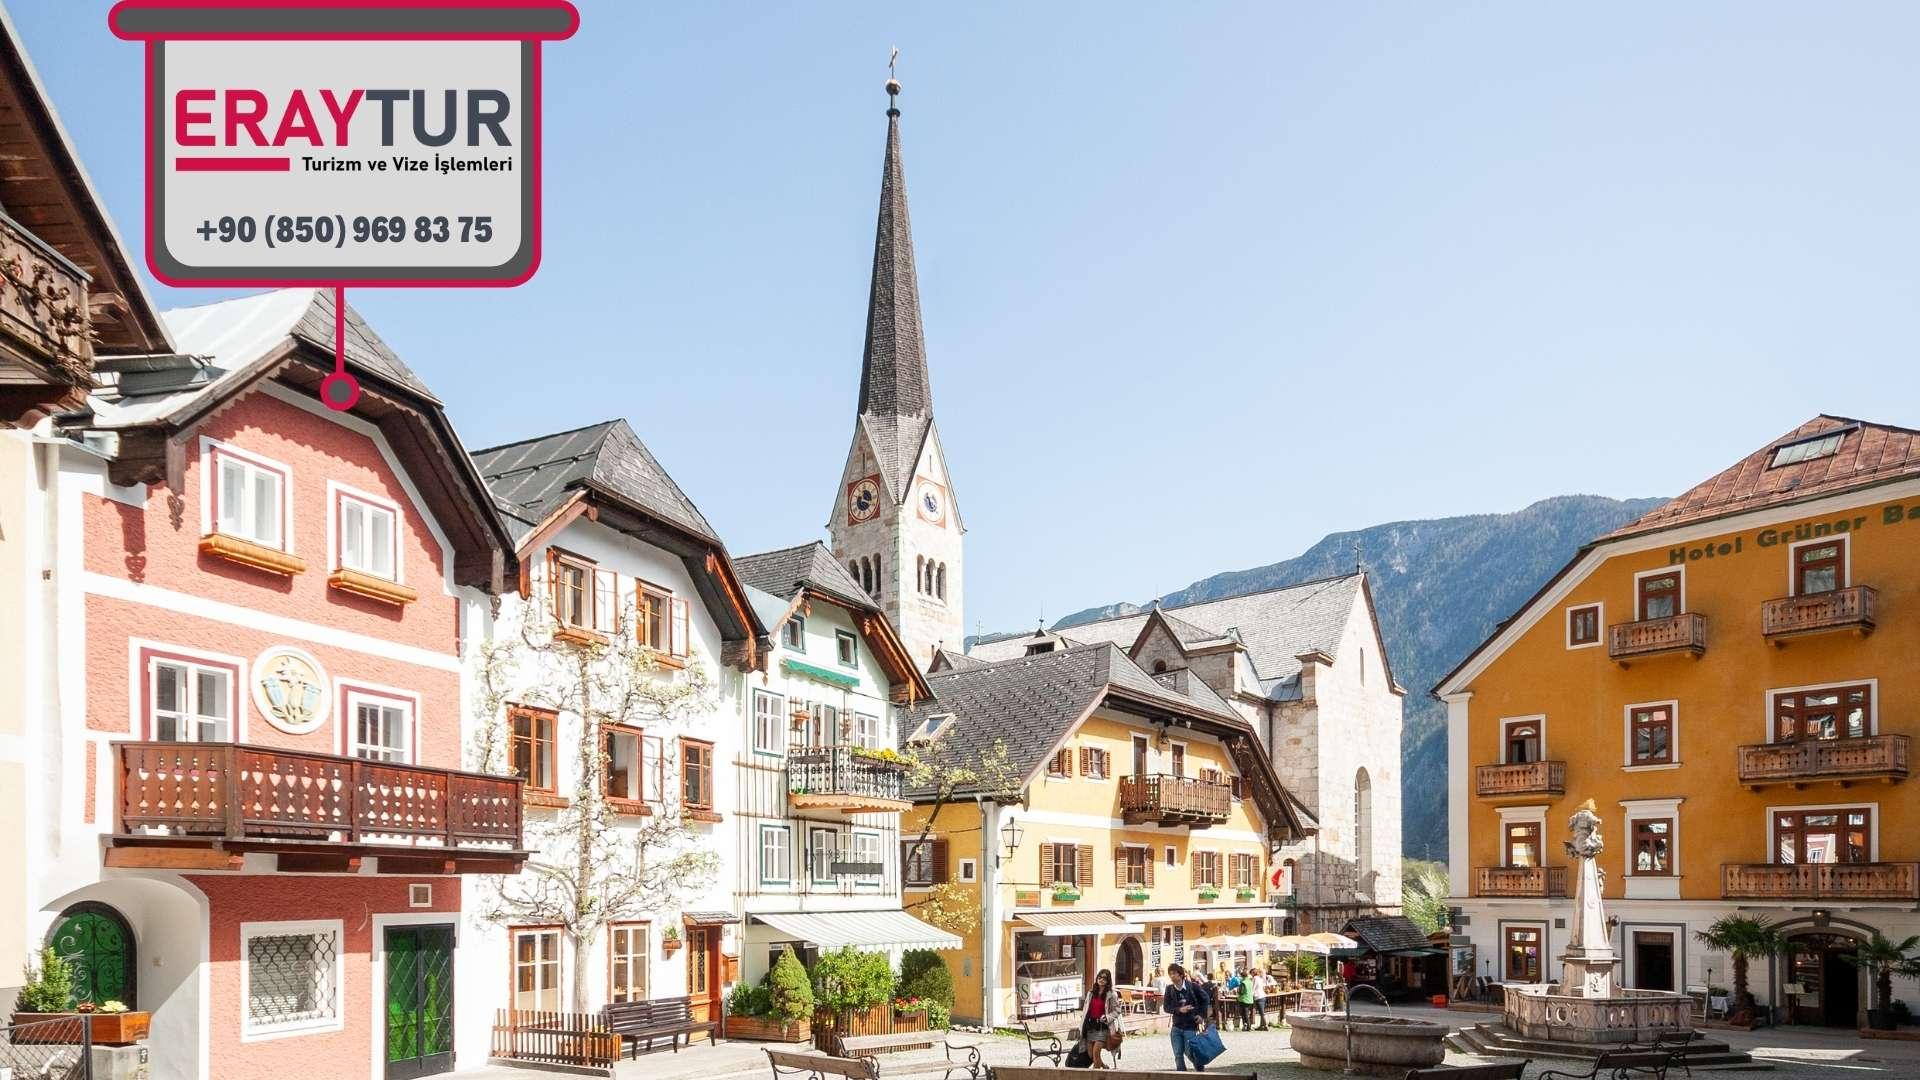 Avusturya Turistik Vizesi İçin Gerekli Evraklar